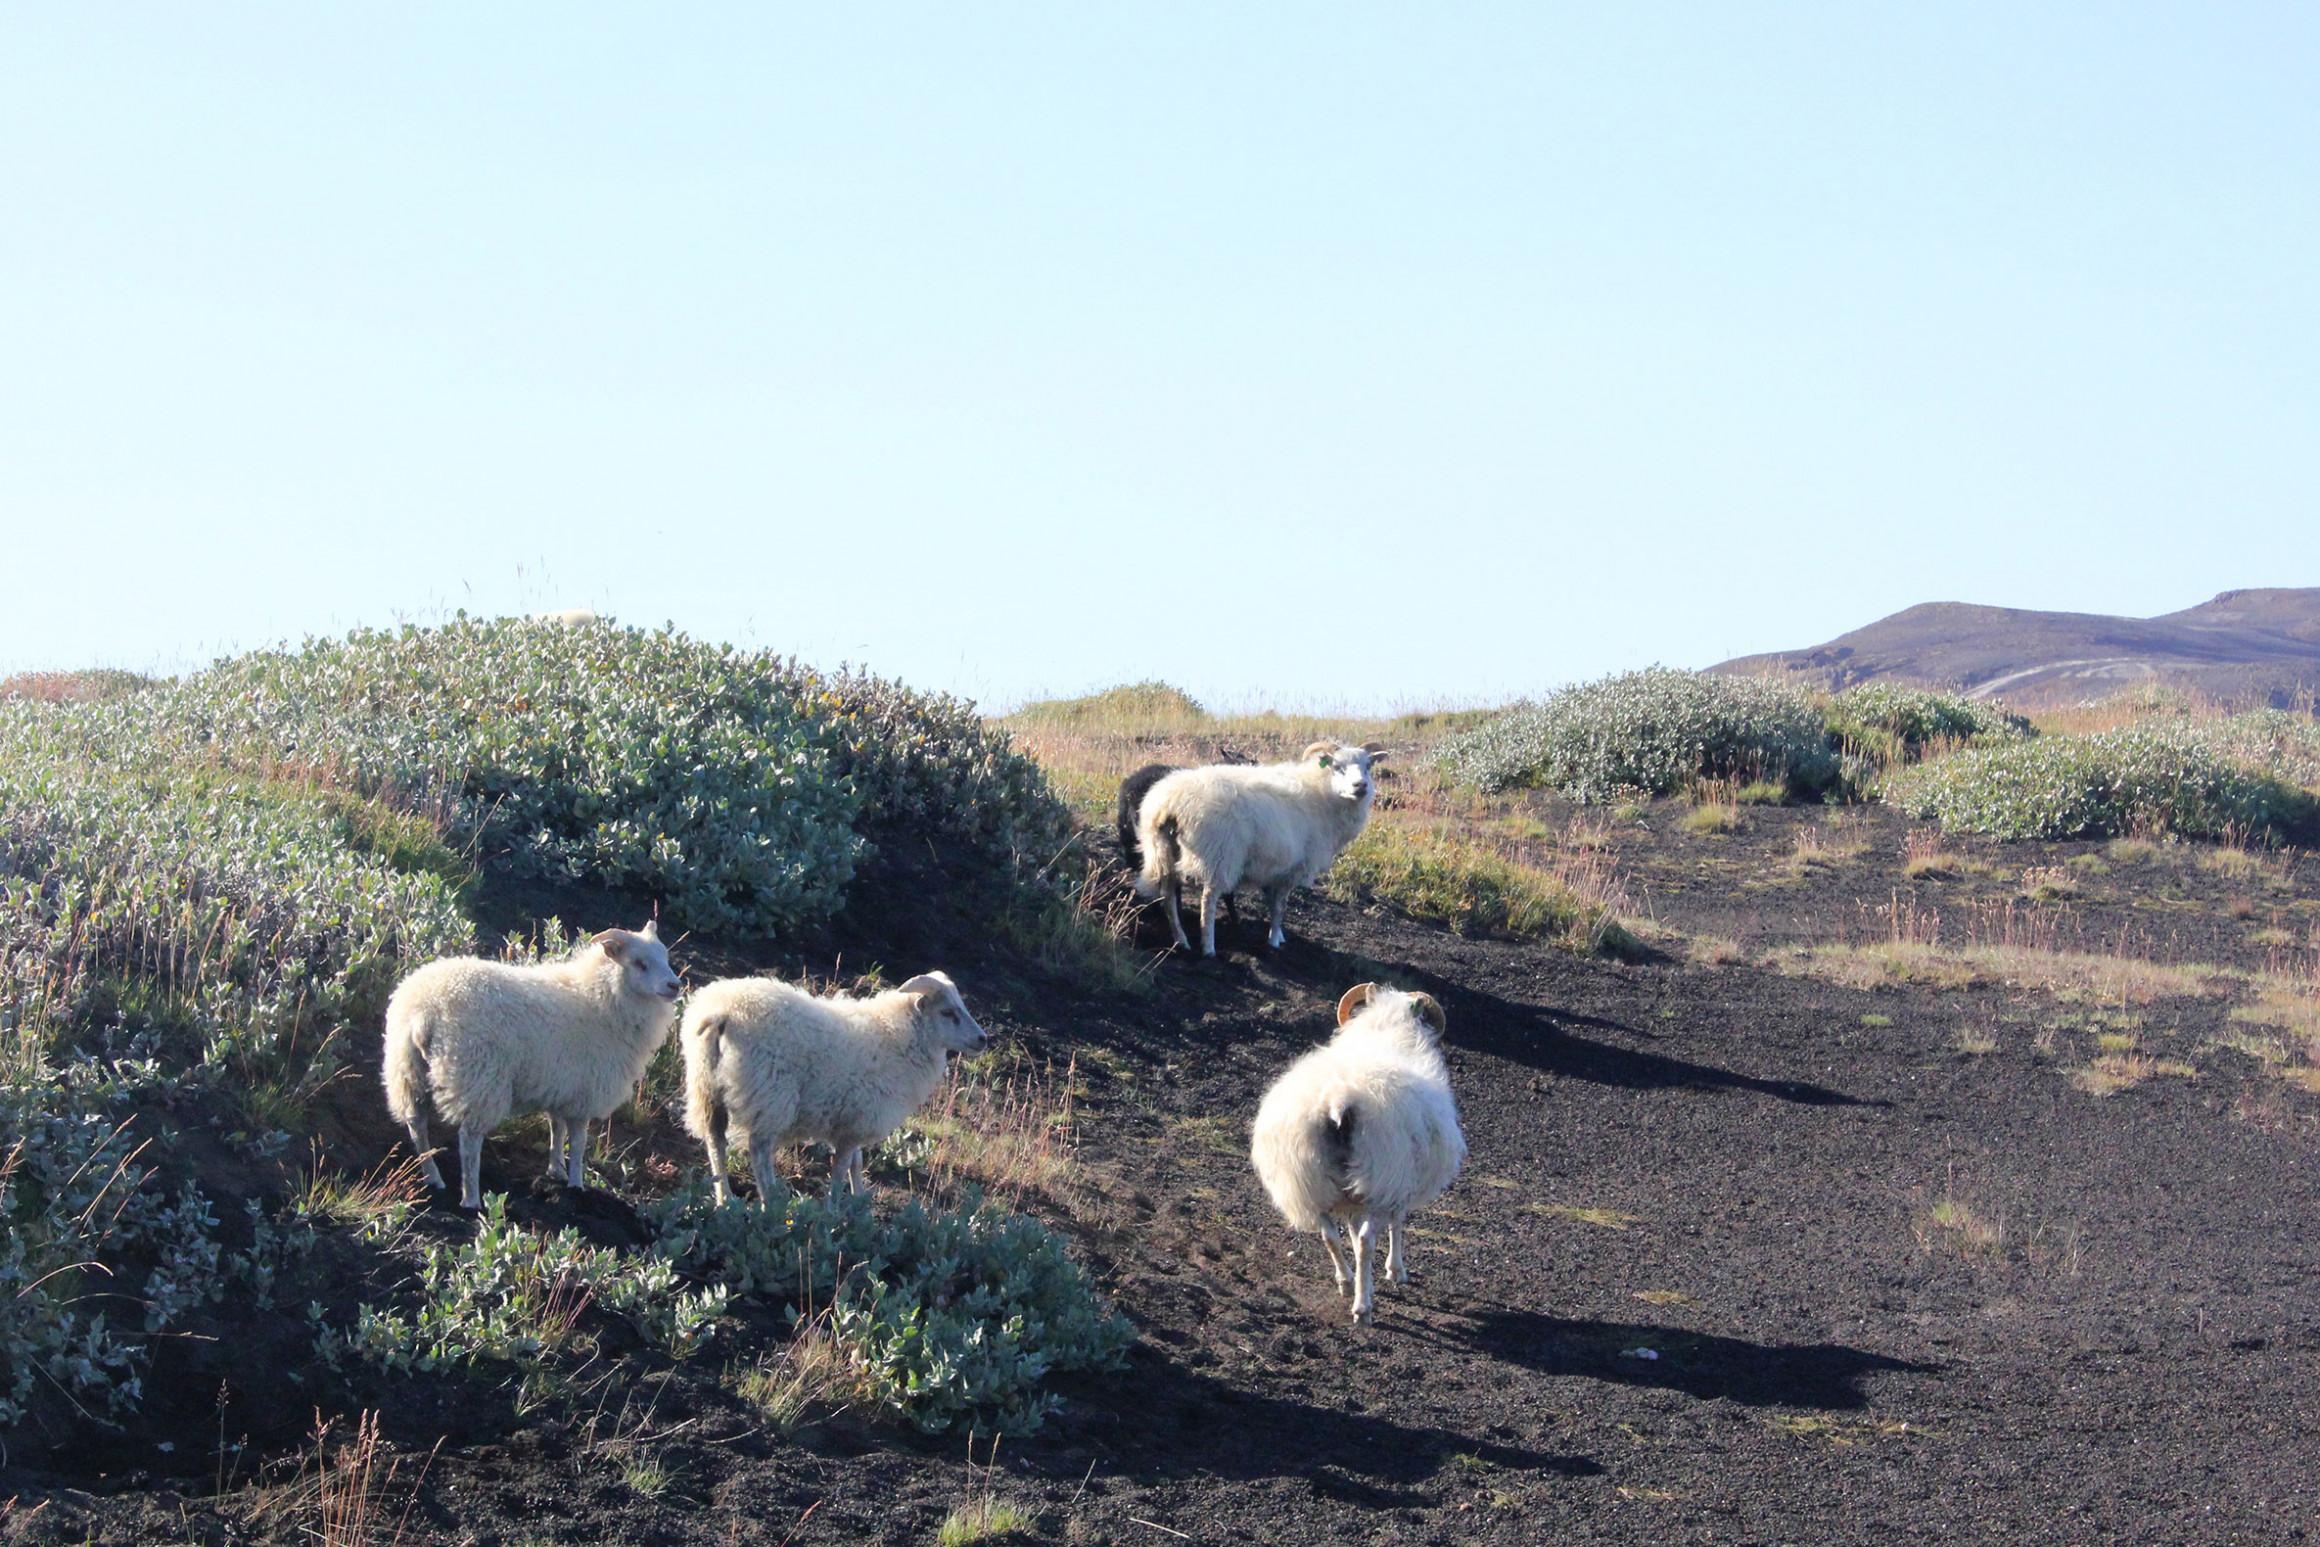 Vier weiße Schafe zwischen niedrigem Gebüsch. Der Sand am Boden ist schwarz, im Hintergrund flache Berge.